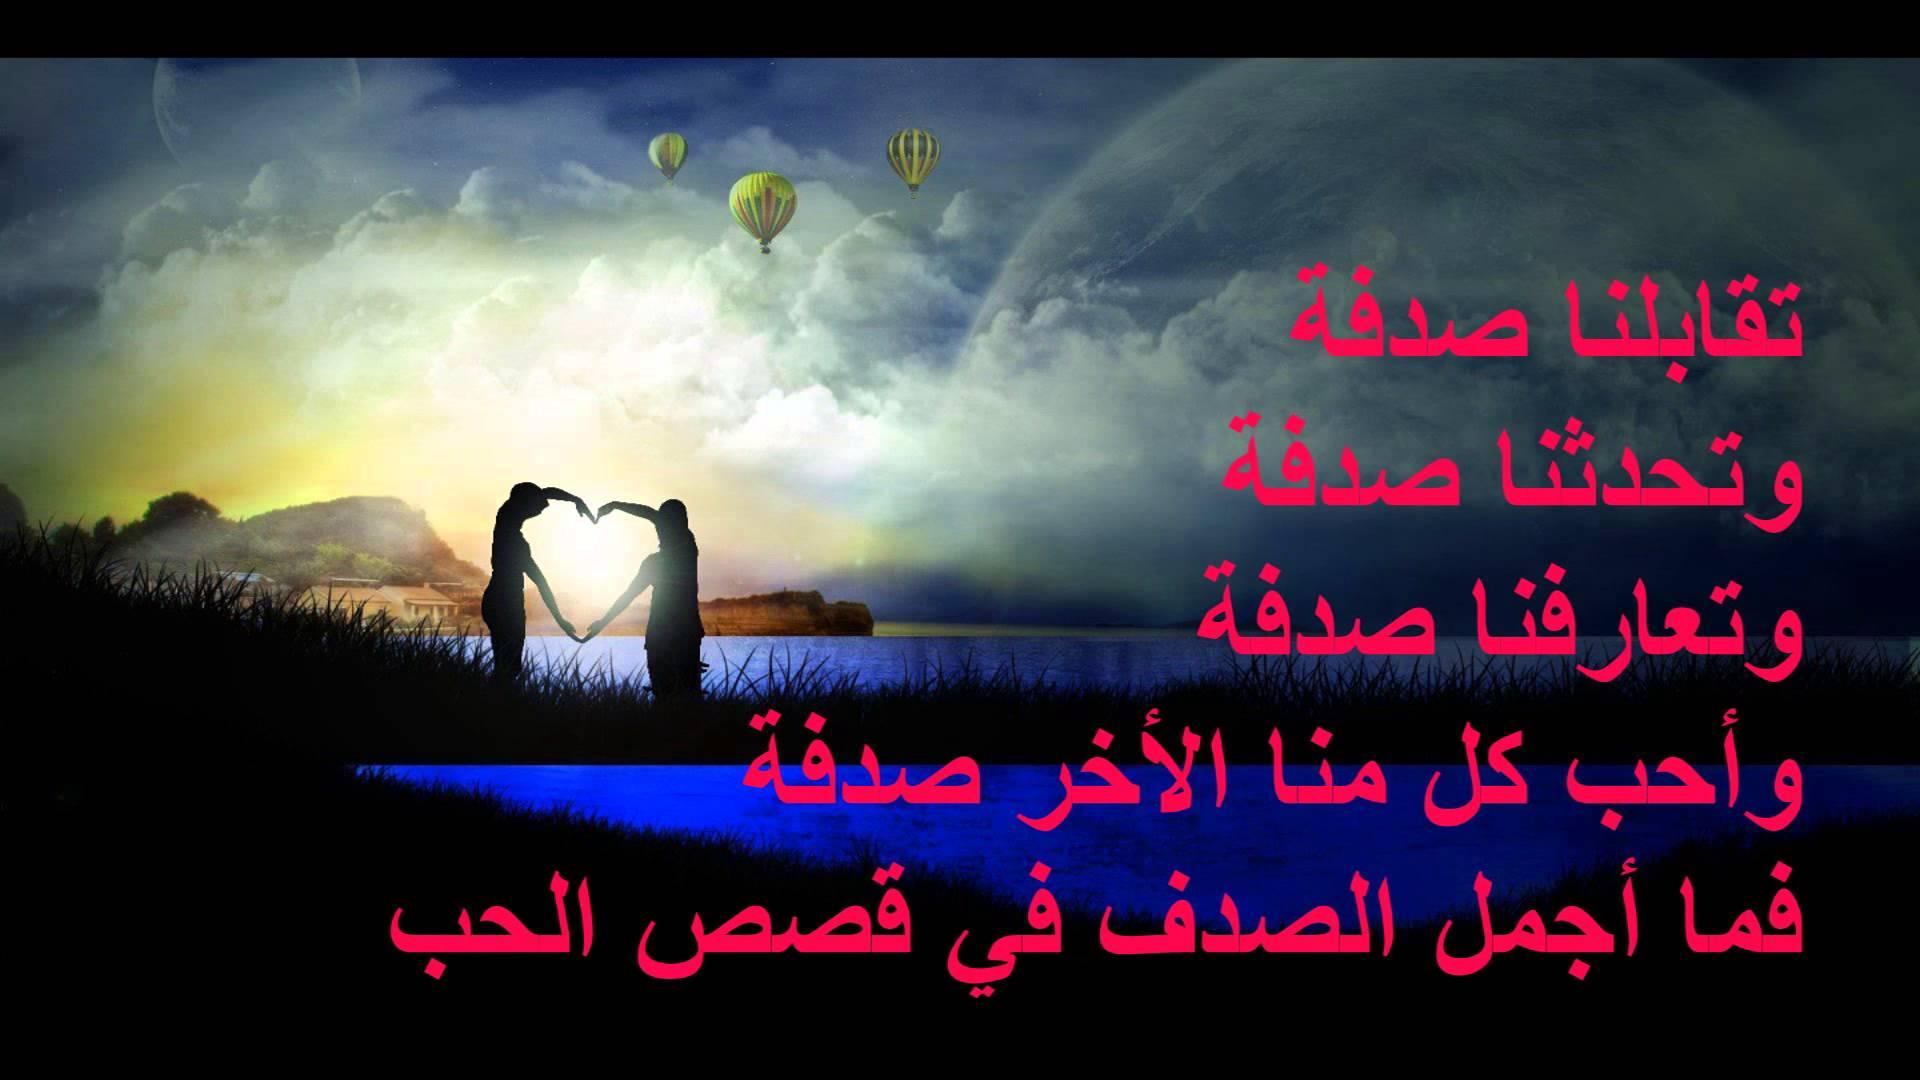 صورة كلام في الحب والغرام , اجمل كلام يقال ف الحب والغرام بين الحبيبن